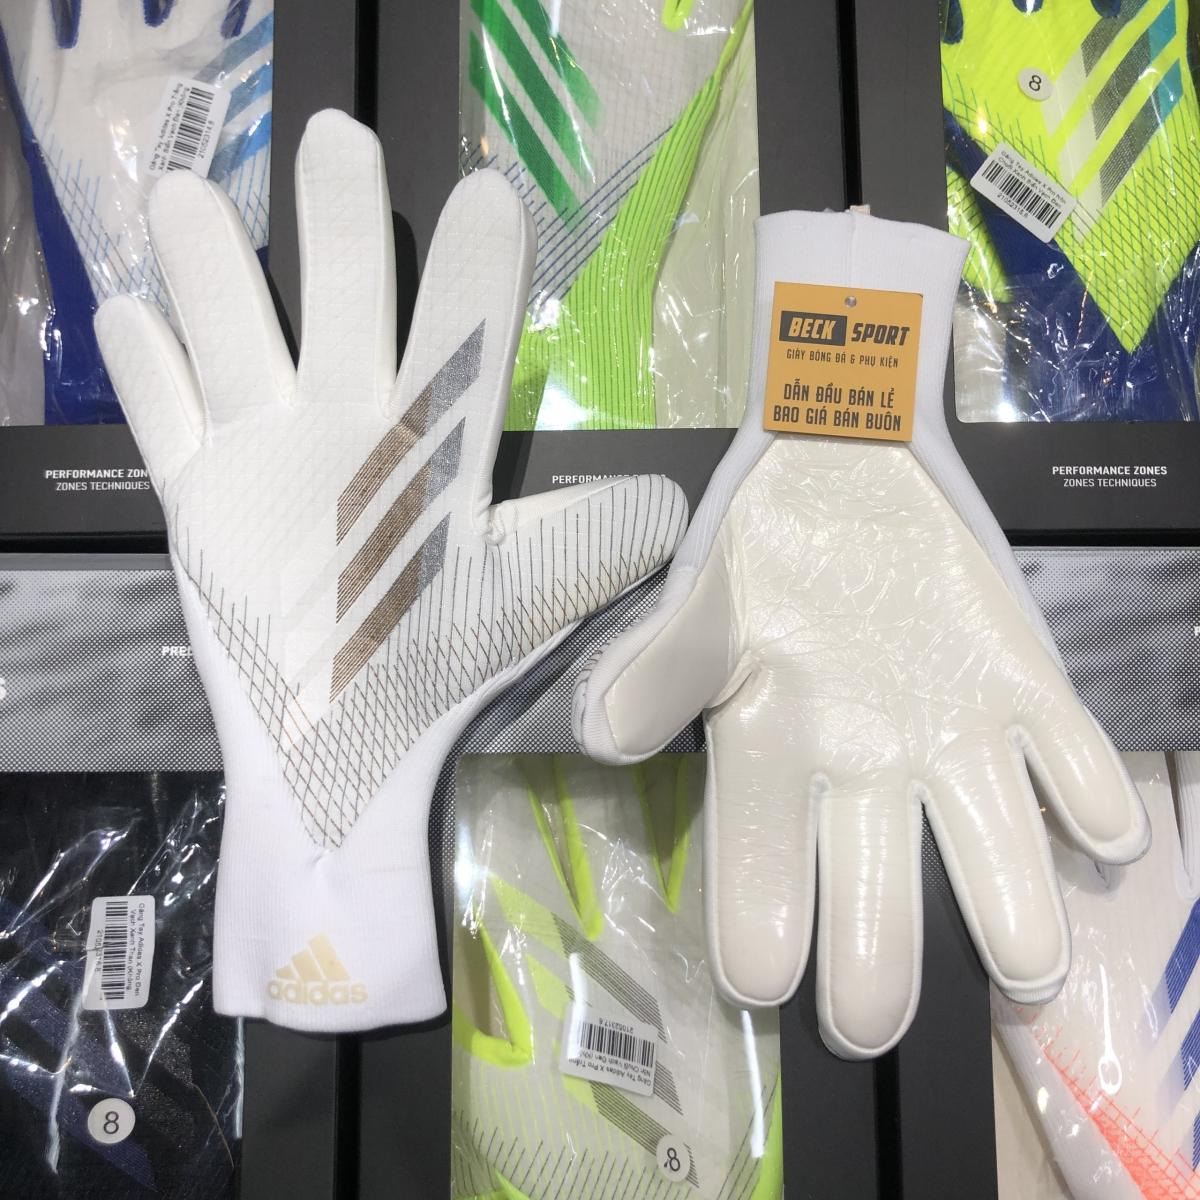 Găng Tay Adidas X Pro Trắng Vạch Đen (Không Xương)